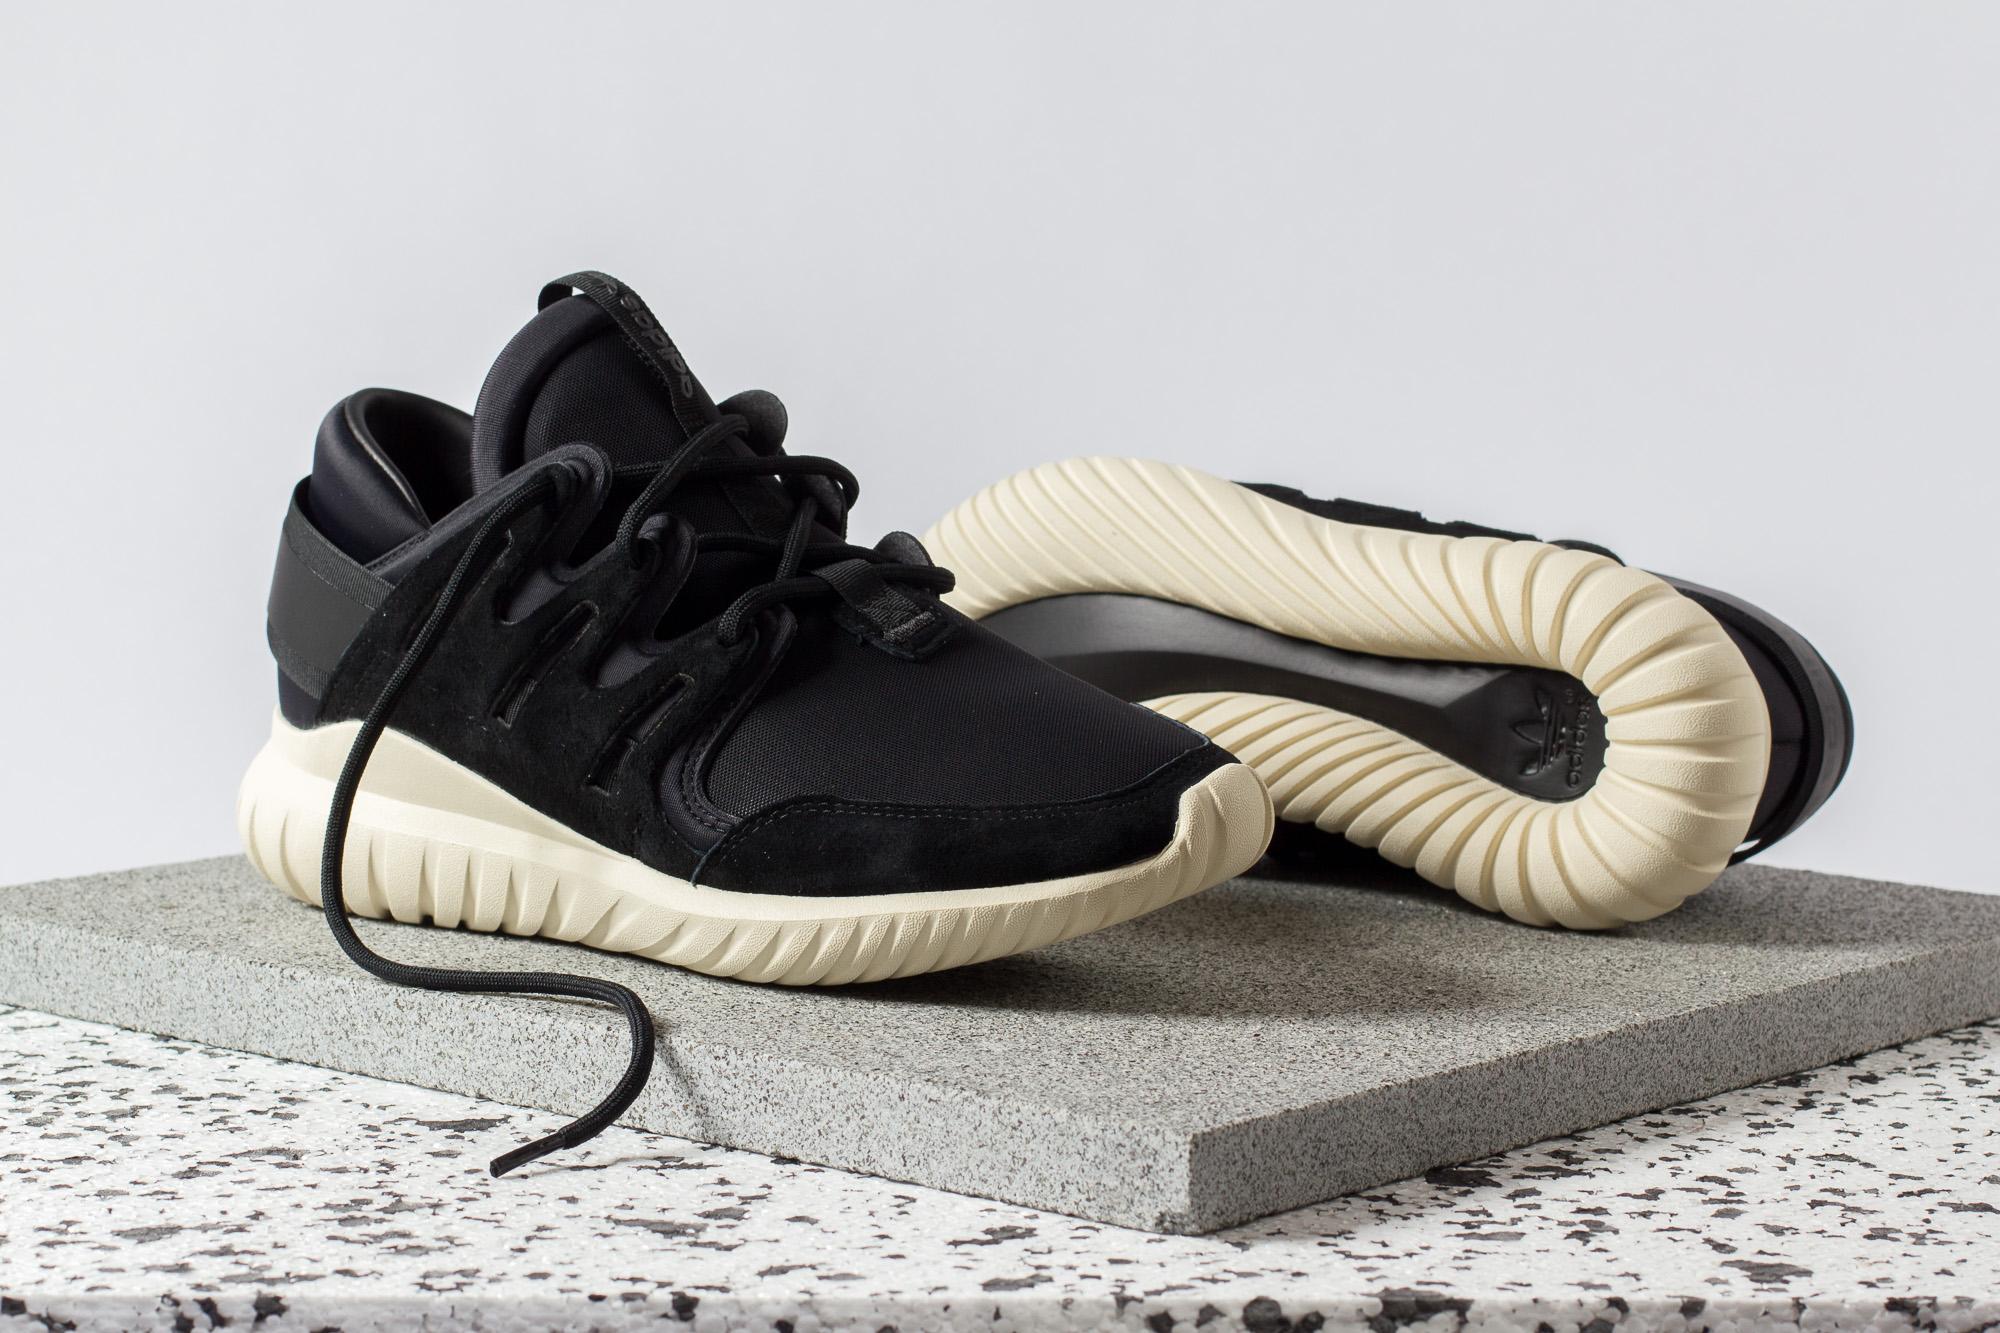 footwear-4072-soulheaven-Ant Tran.jpg